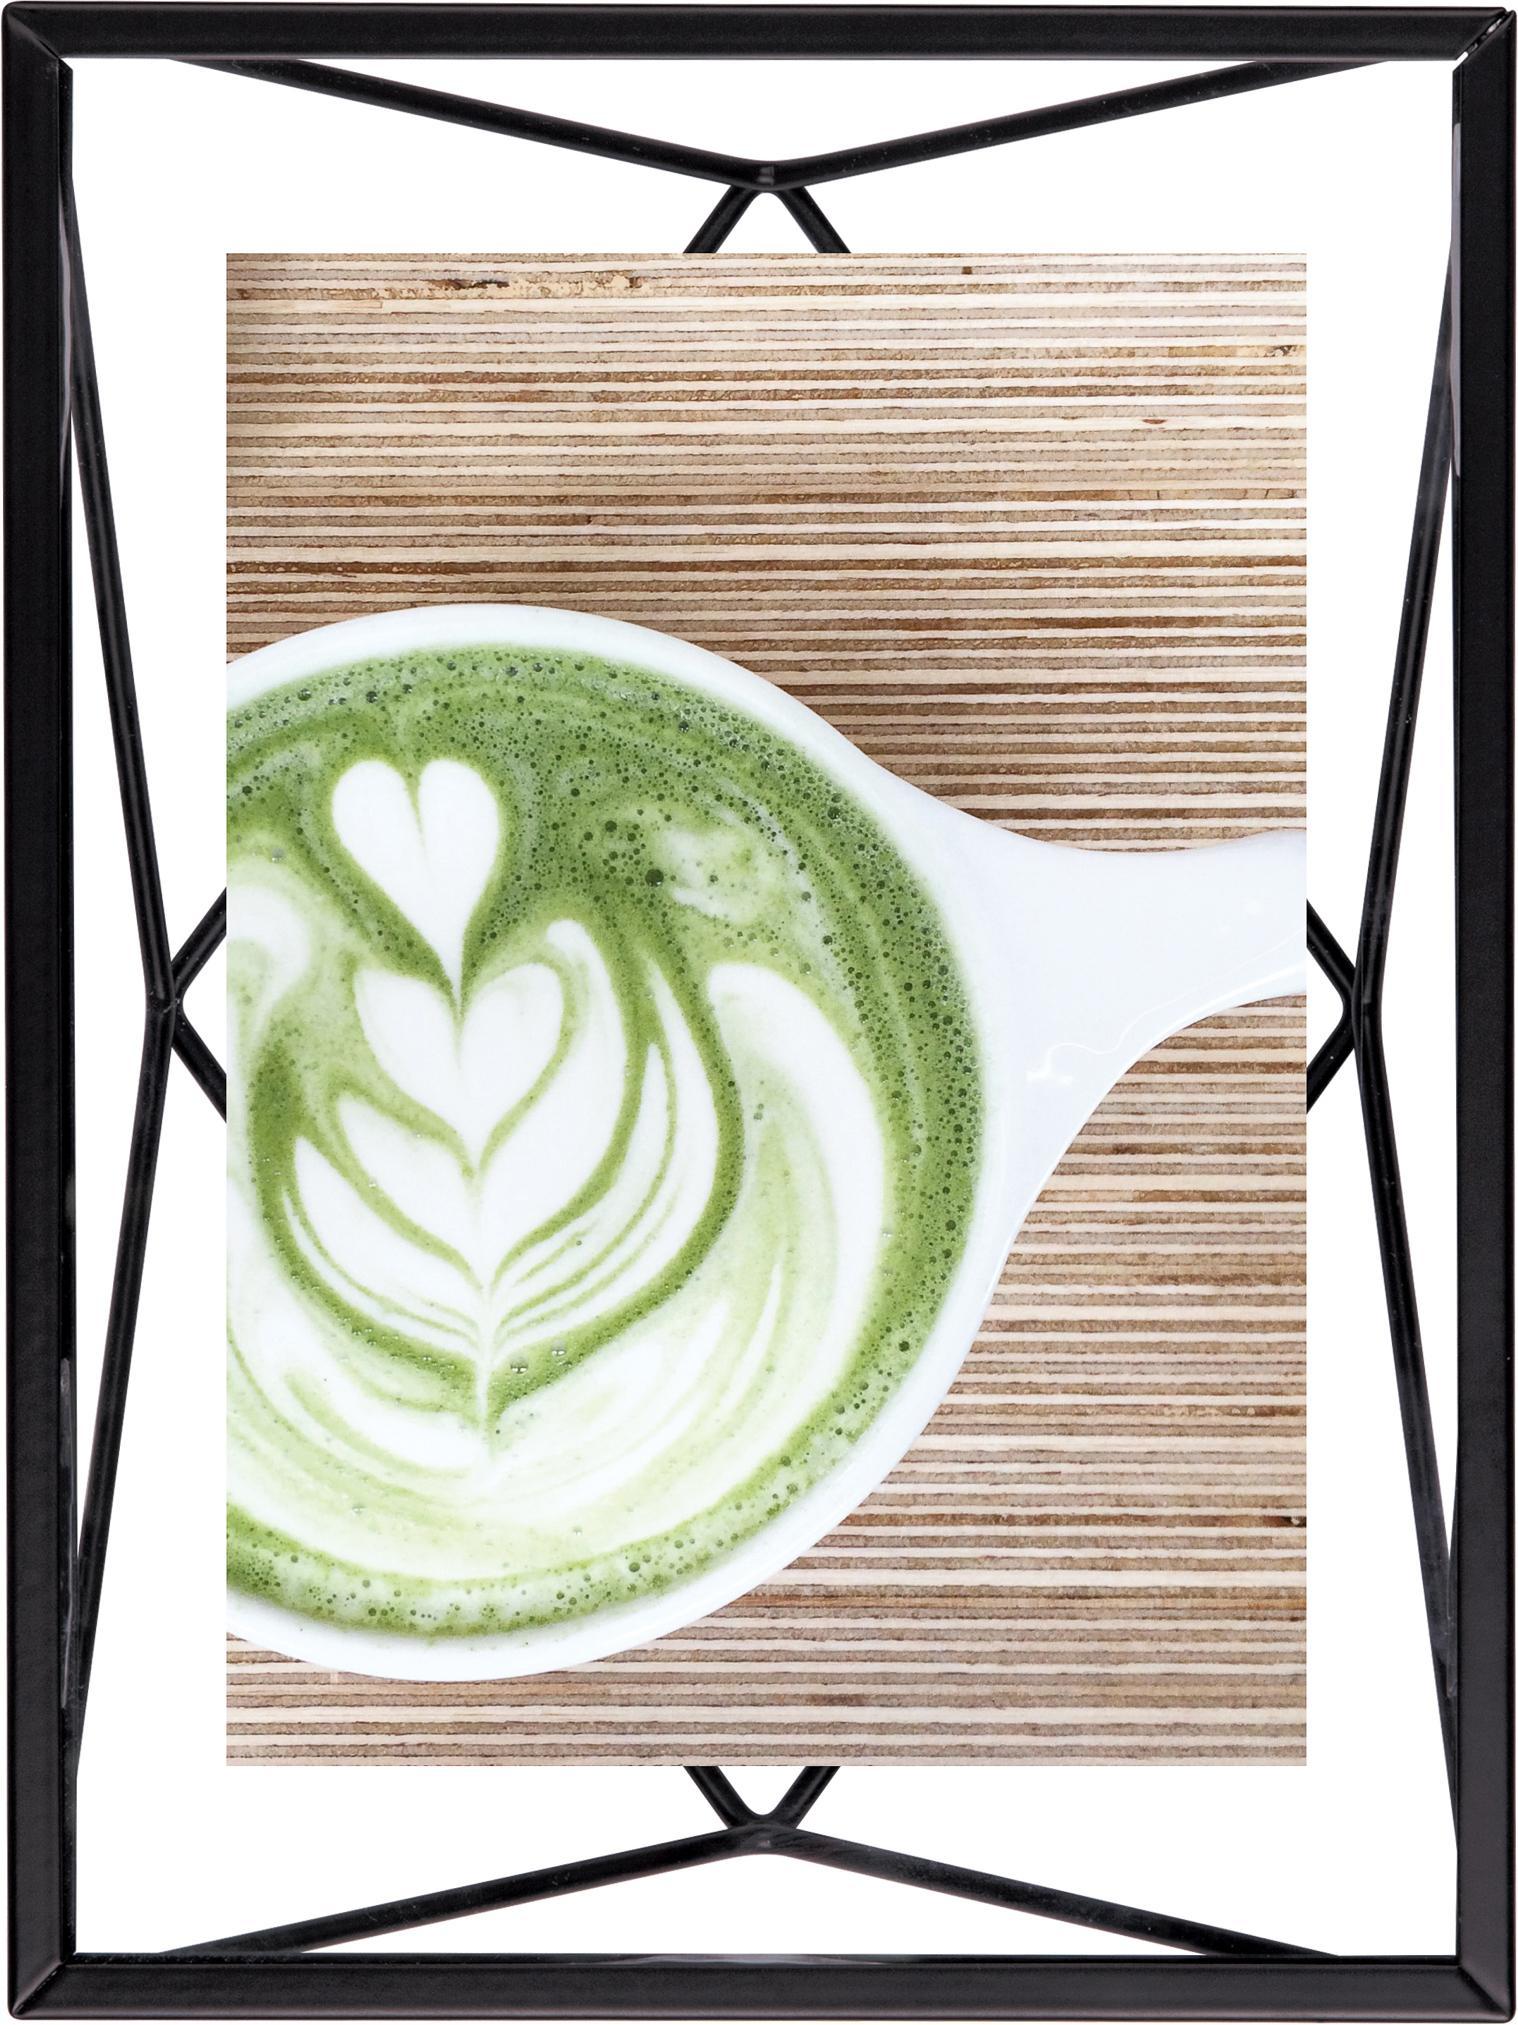 Ramka na zdjęcia Prisma, Czarny, 10 x 15 cm